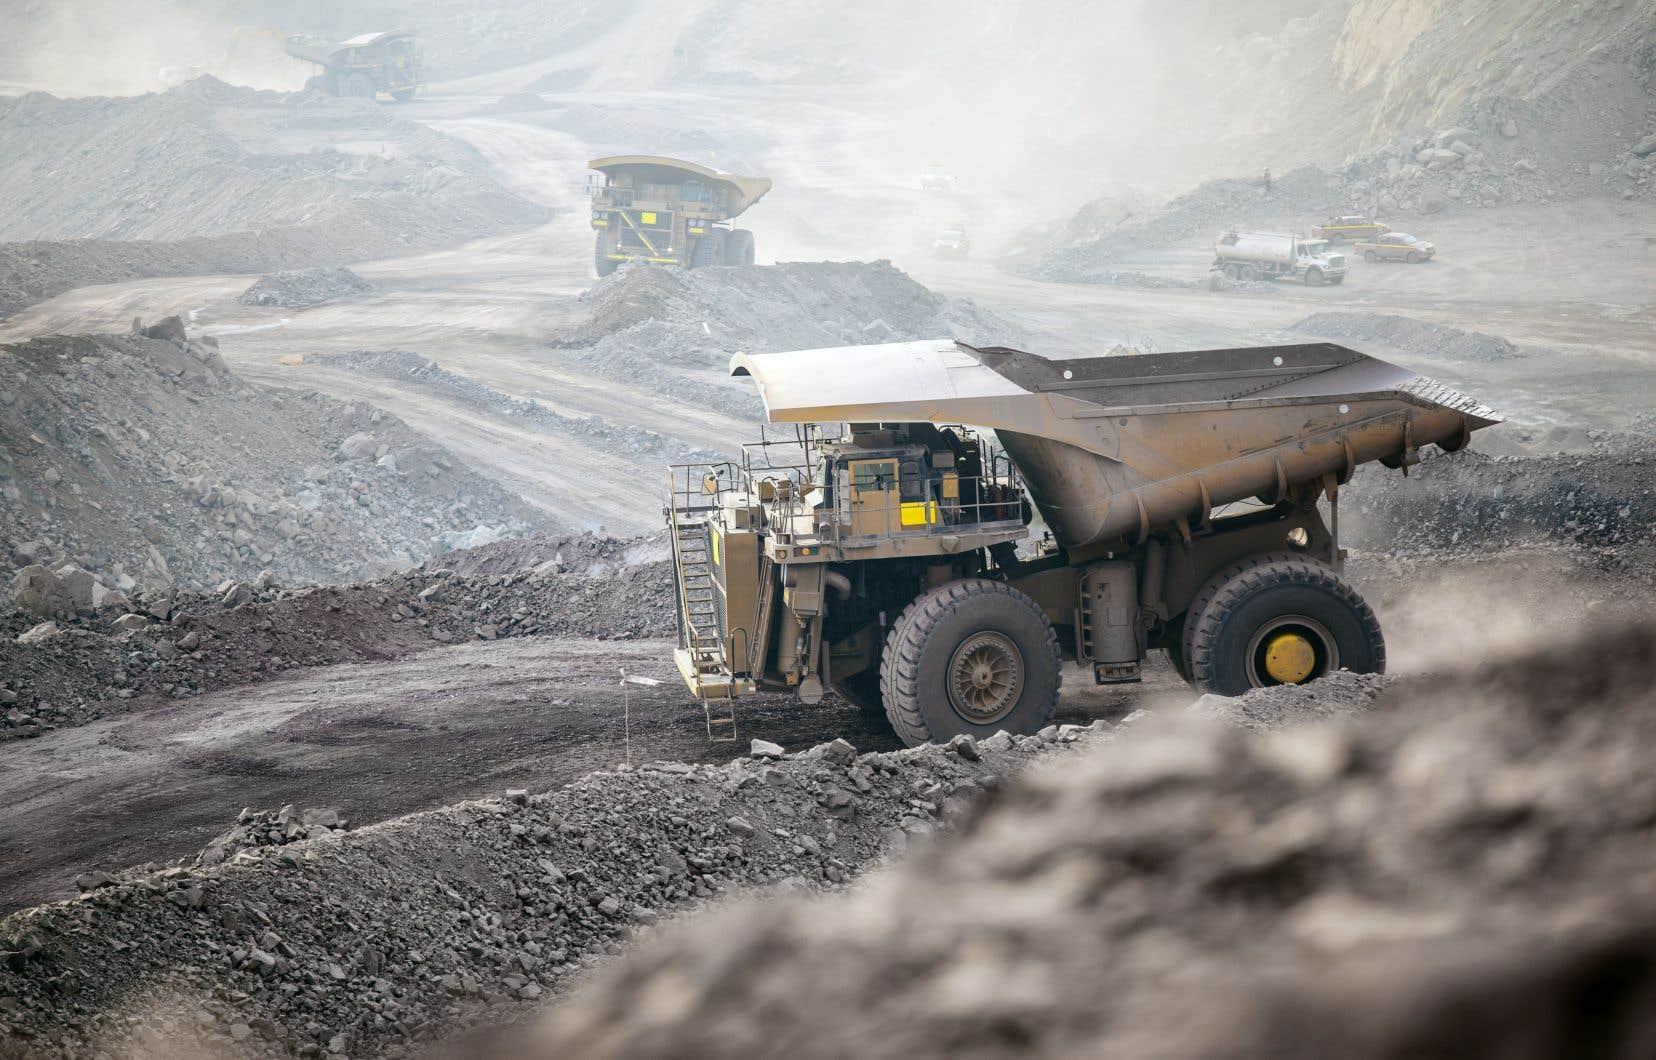 La compagnie a suspendu la production de la mine le 24mars lorsque le gouvernement du Québec a annoncé l'arrêt de toute activité n'étant pas jugée essentielle.